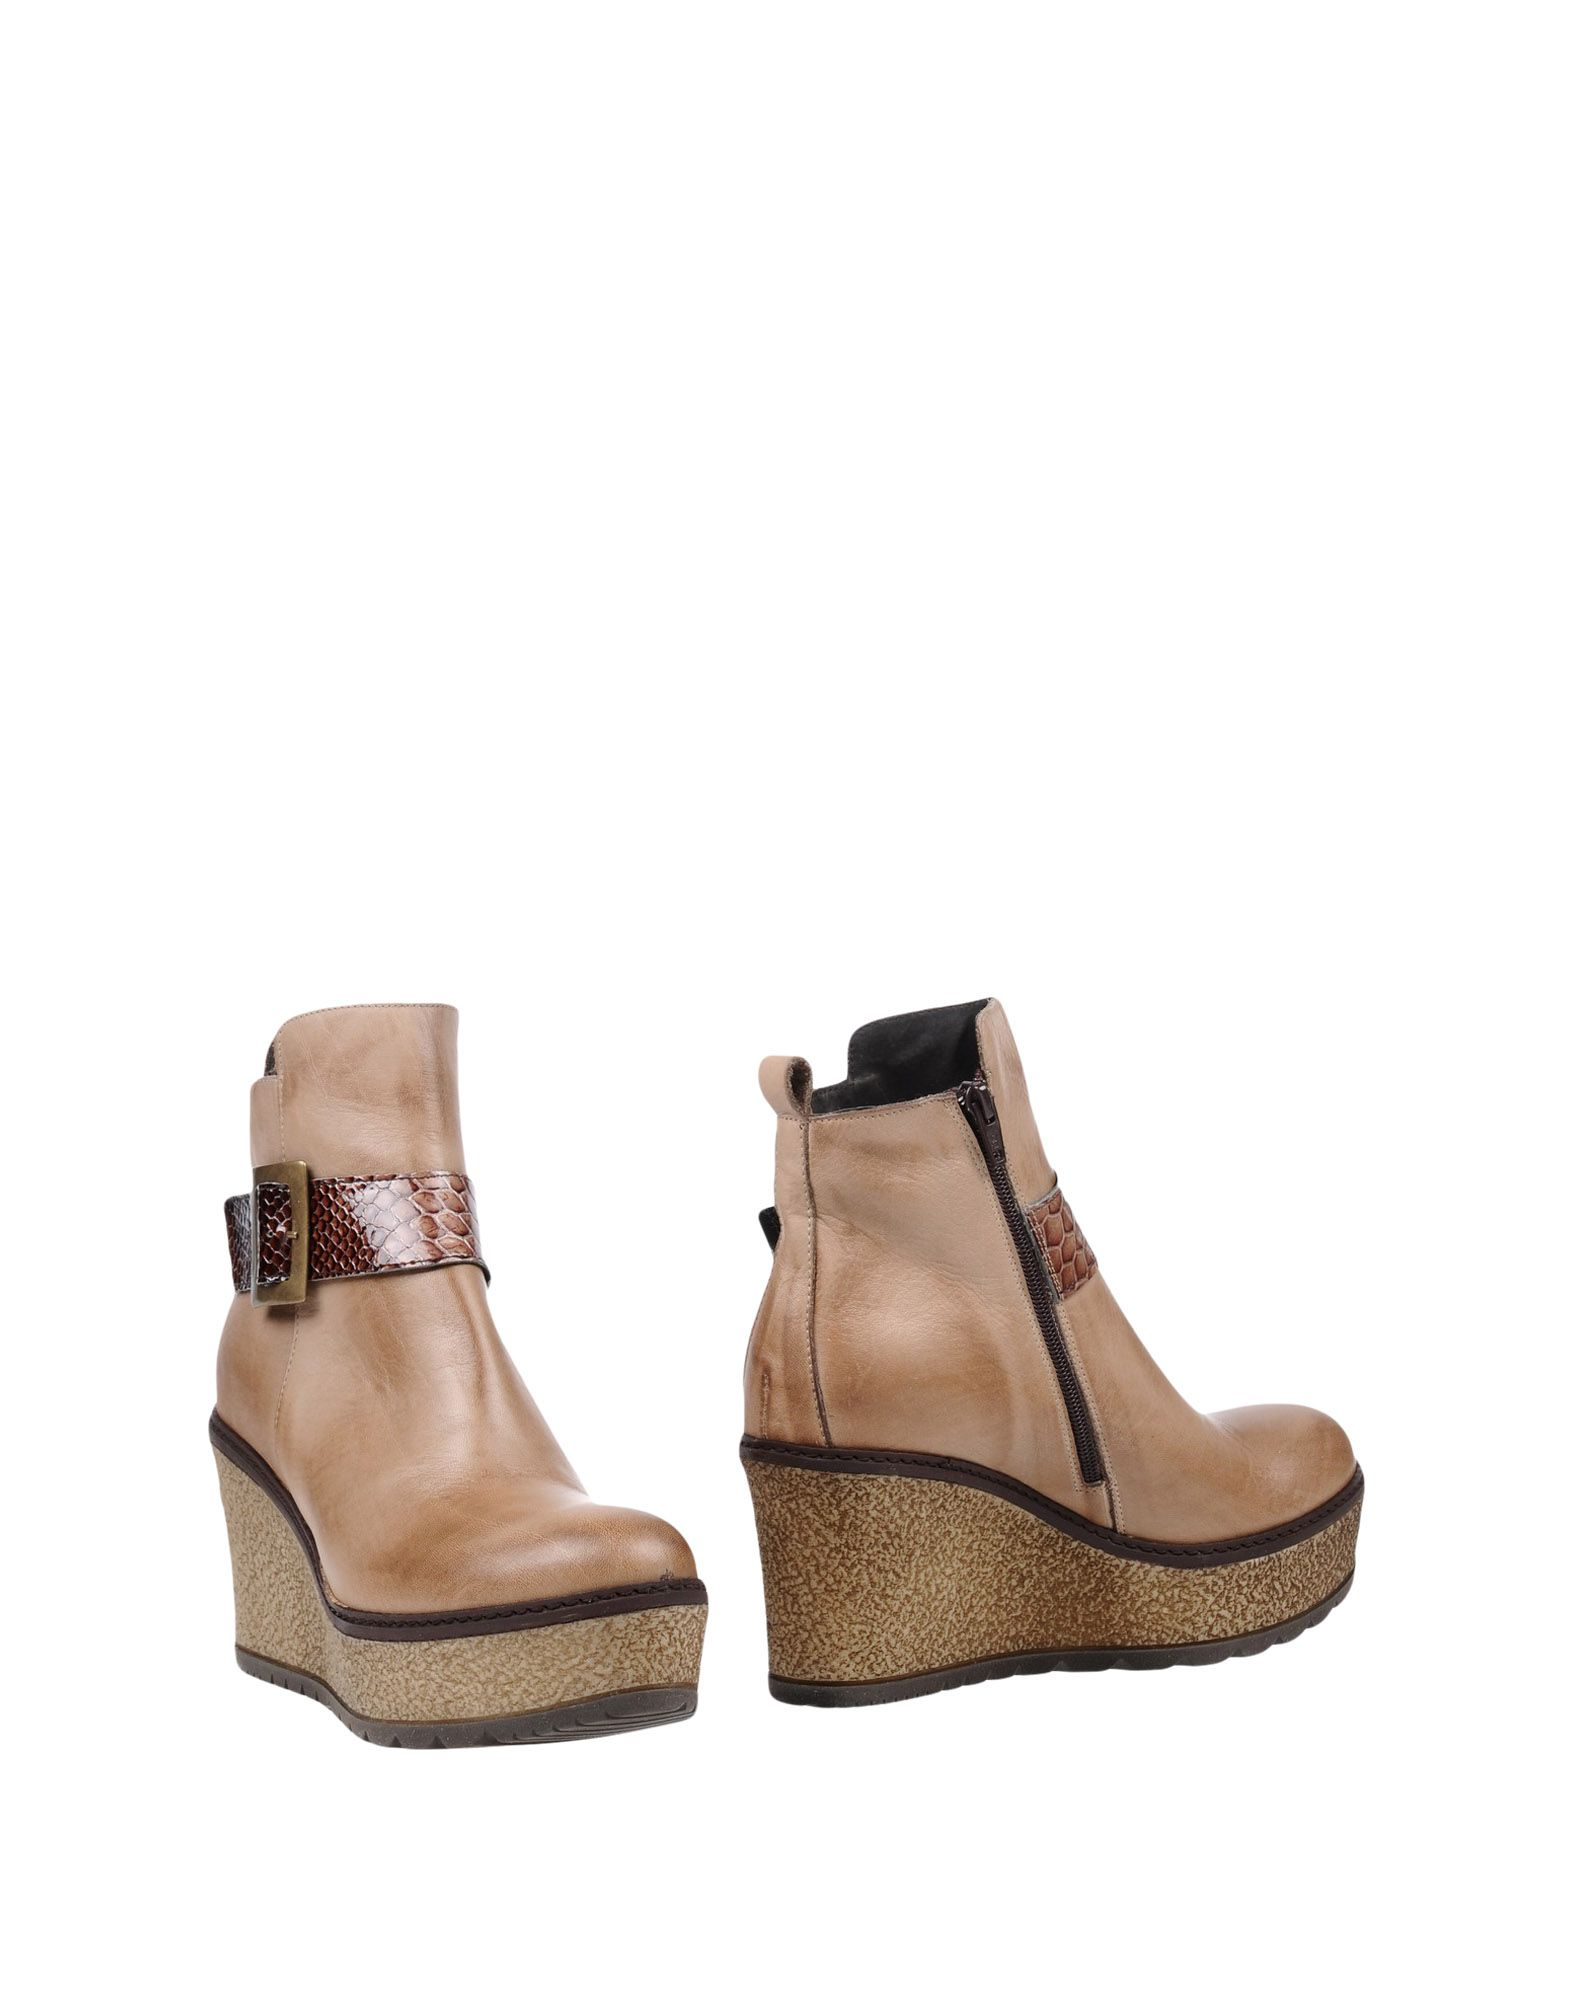 Tsd12 Stiefelette Qualität Damen  11454019PJ Gute Qualität Stiefelette beliebte Schuhe abad89